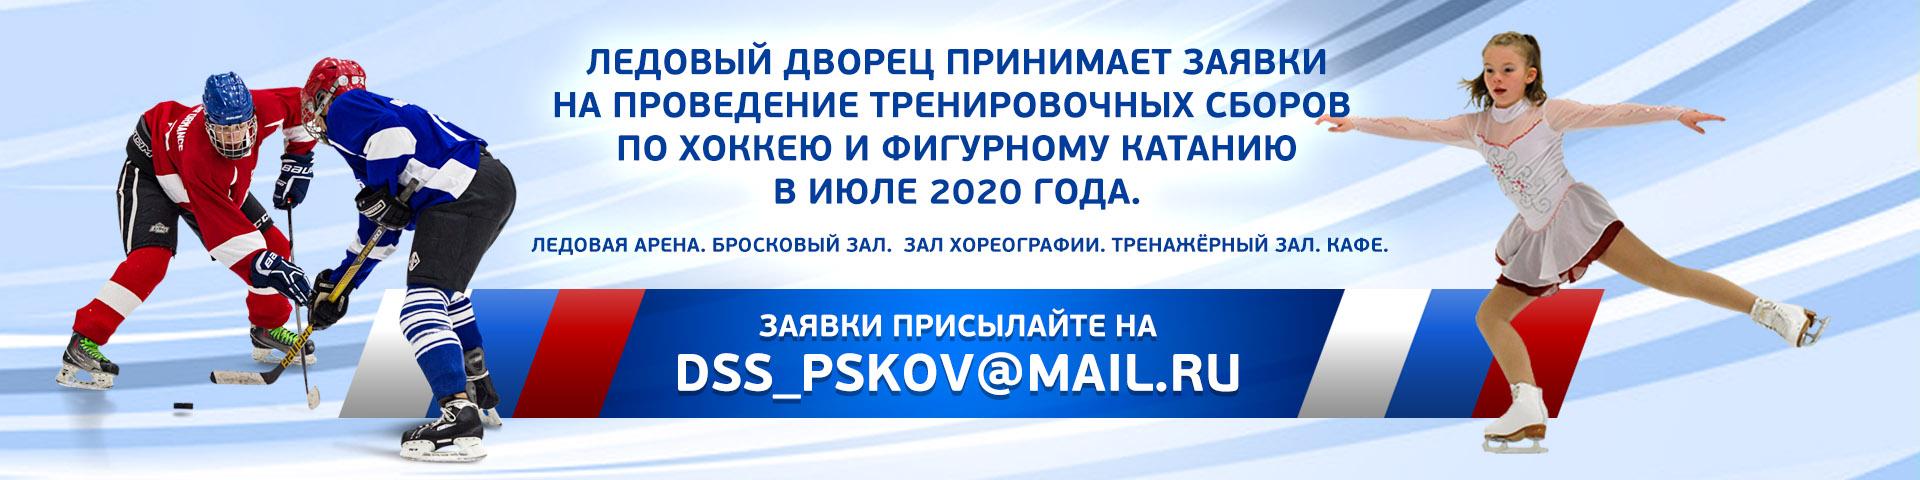 otkritie-2020